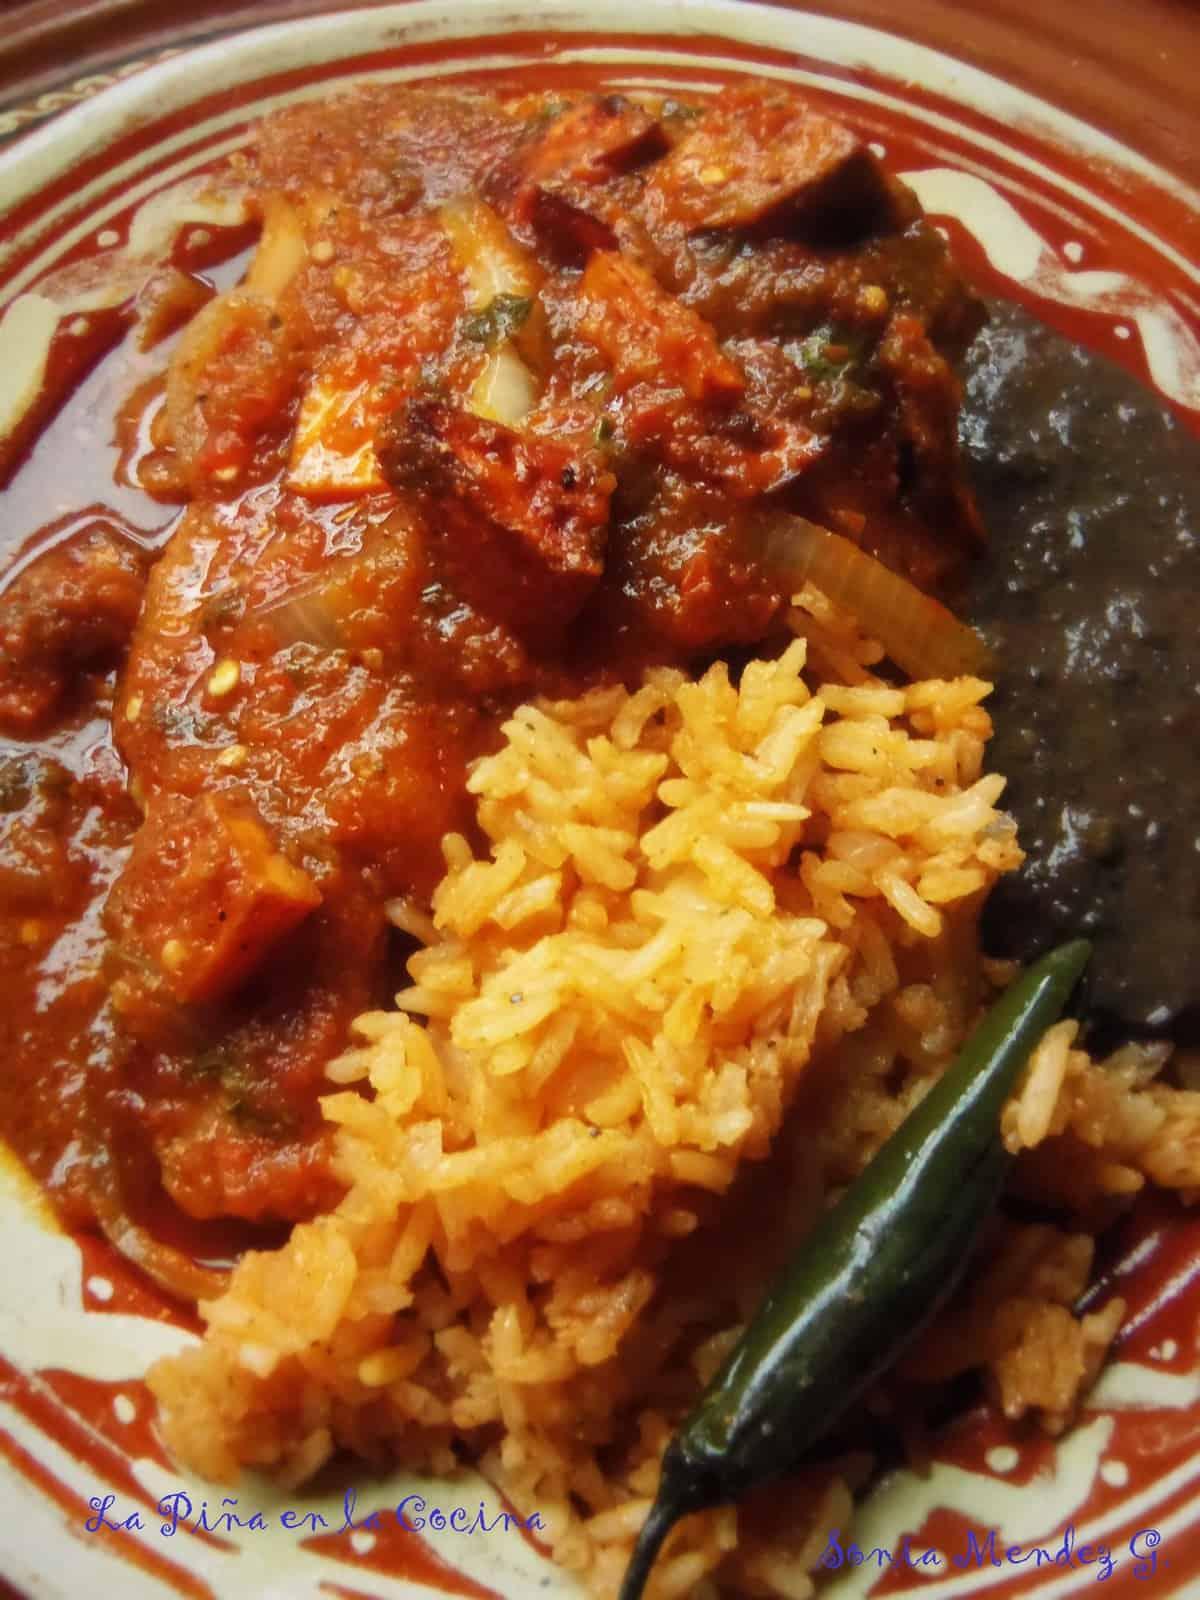 Chuletas De Puerco En Salsa, Arroz Y Frijol Negro (pork Chops Braised In A